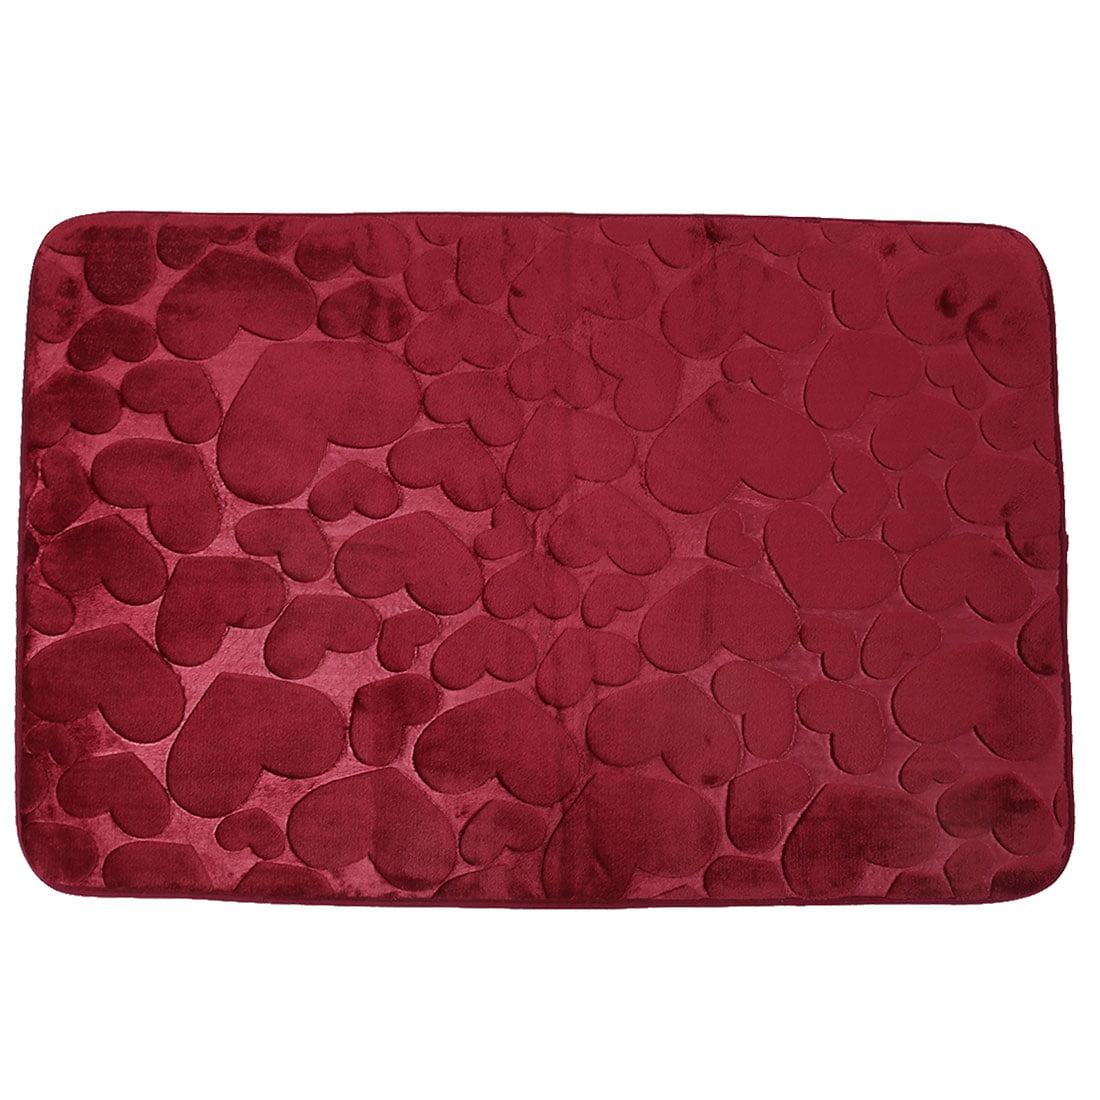 Household Coral Velvet Heart Shaped Anti-slip Floor Rug Mat Doormat 50cm x 80cm